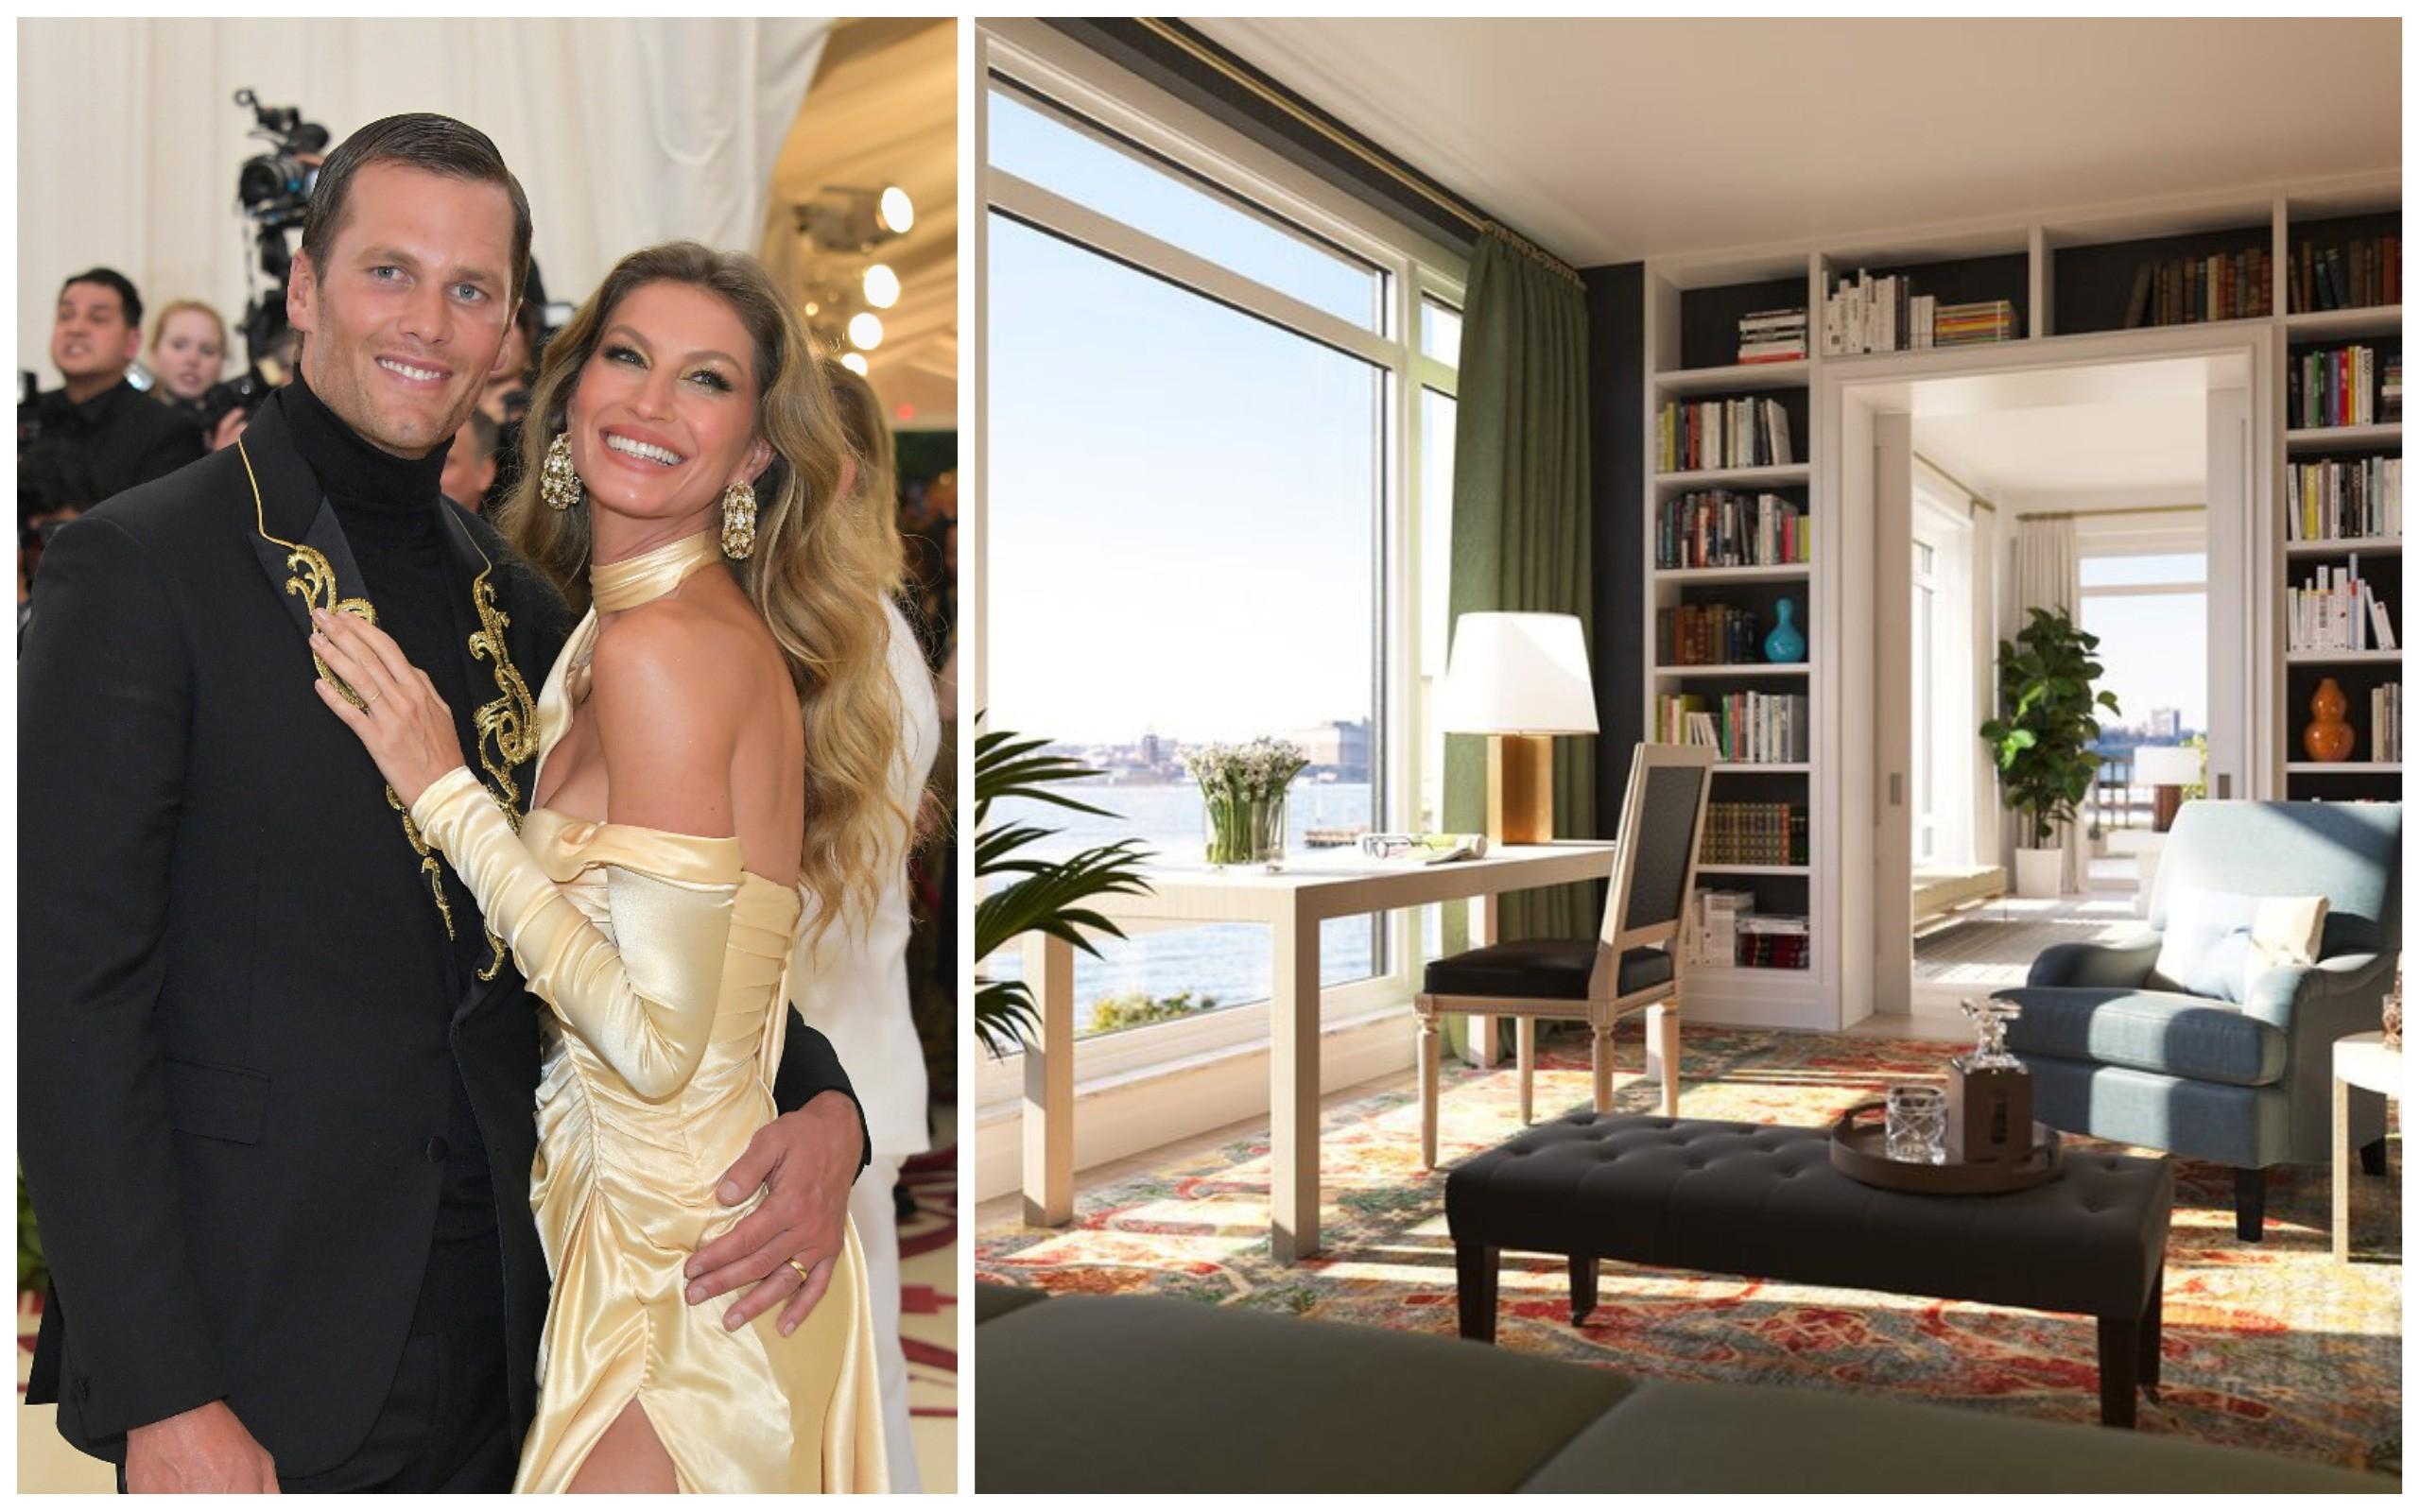 Tom Brady e Gisele Bundchen (Foto: Getty Images / Reprodução (Imobiliária))